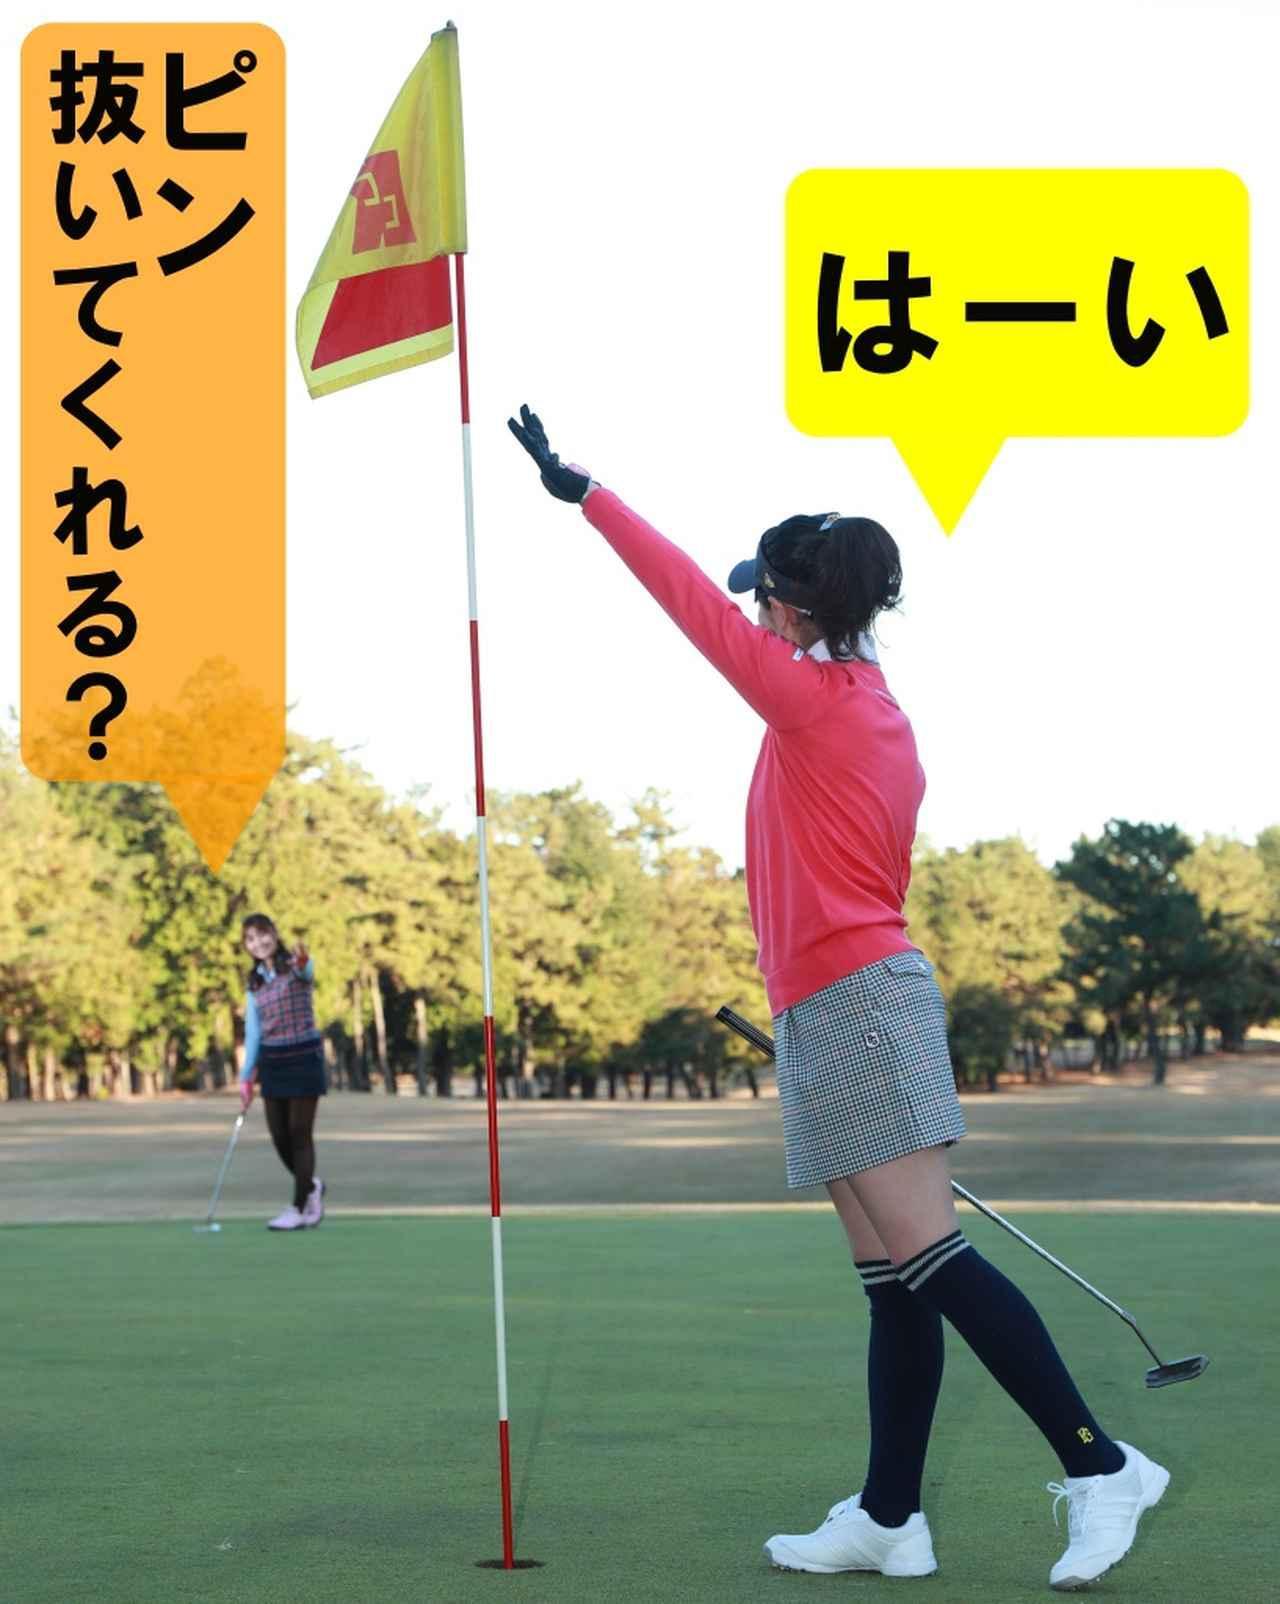 画像: (左)ゴルル会員番号51 高橋奈々(右)ゴルル会員番号44 水谷花那子